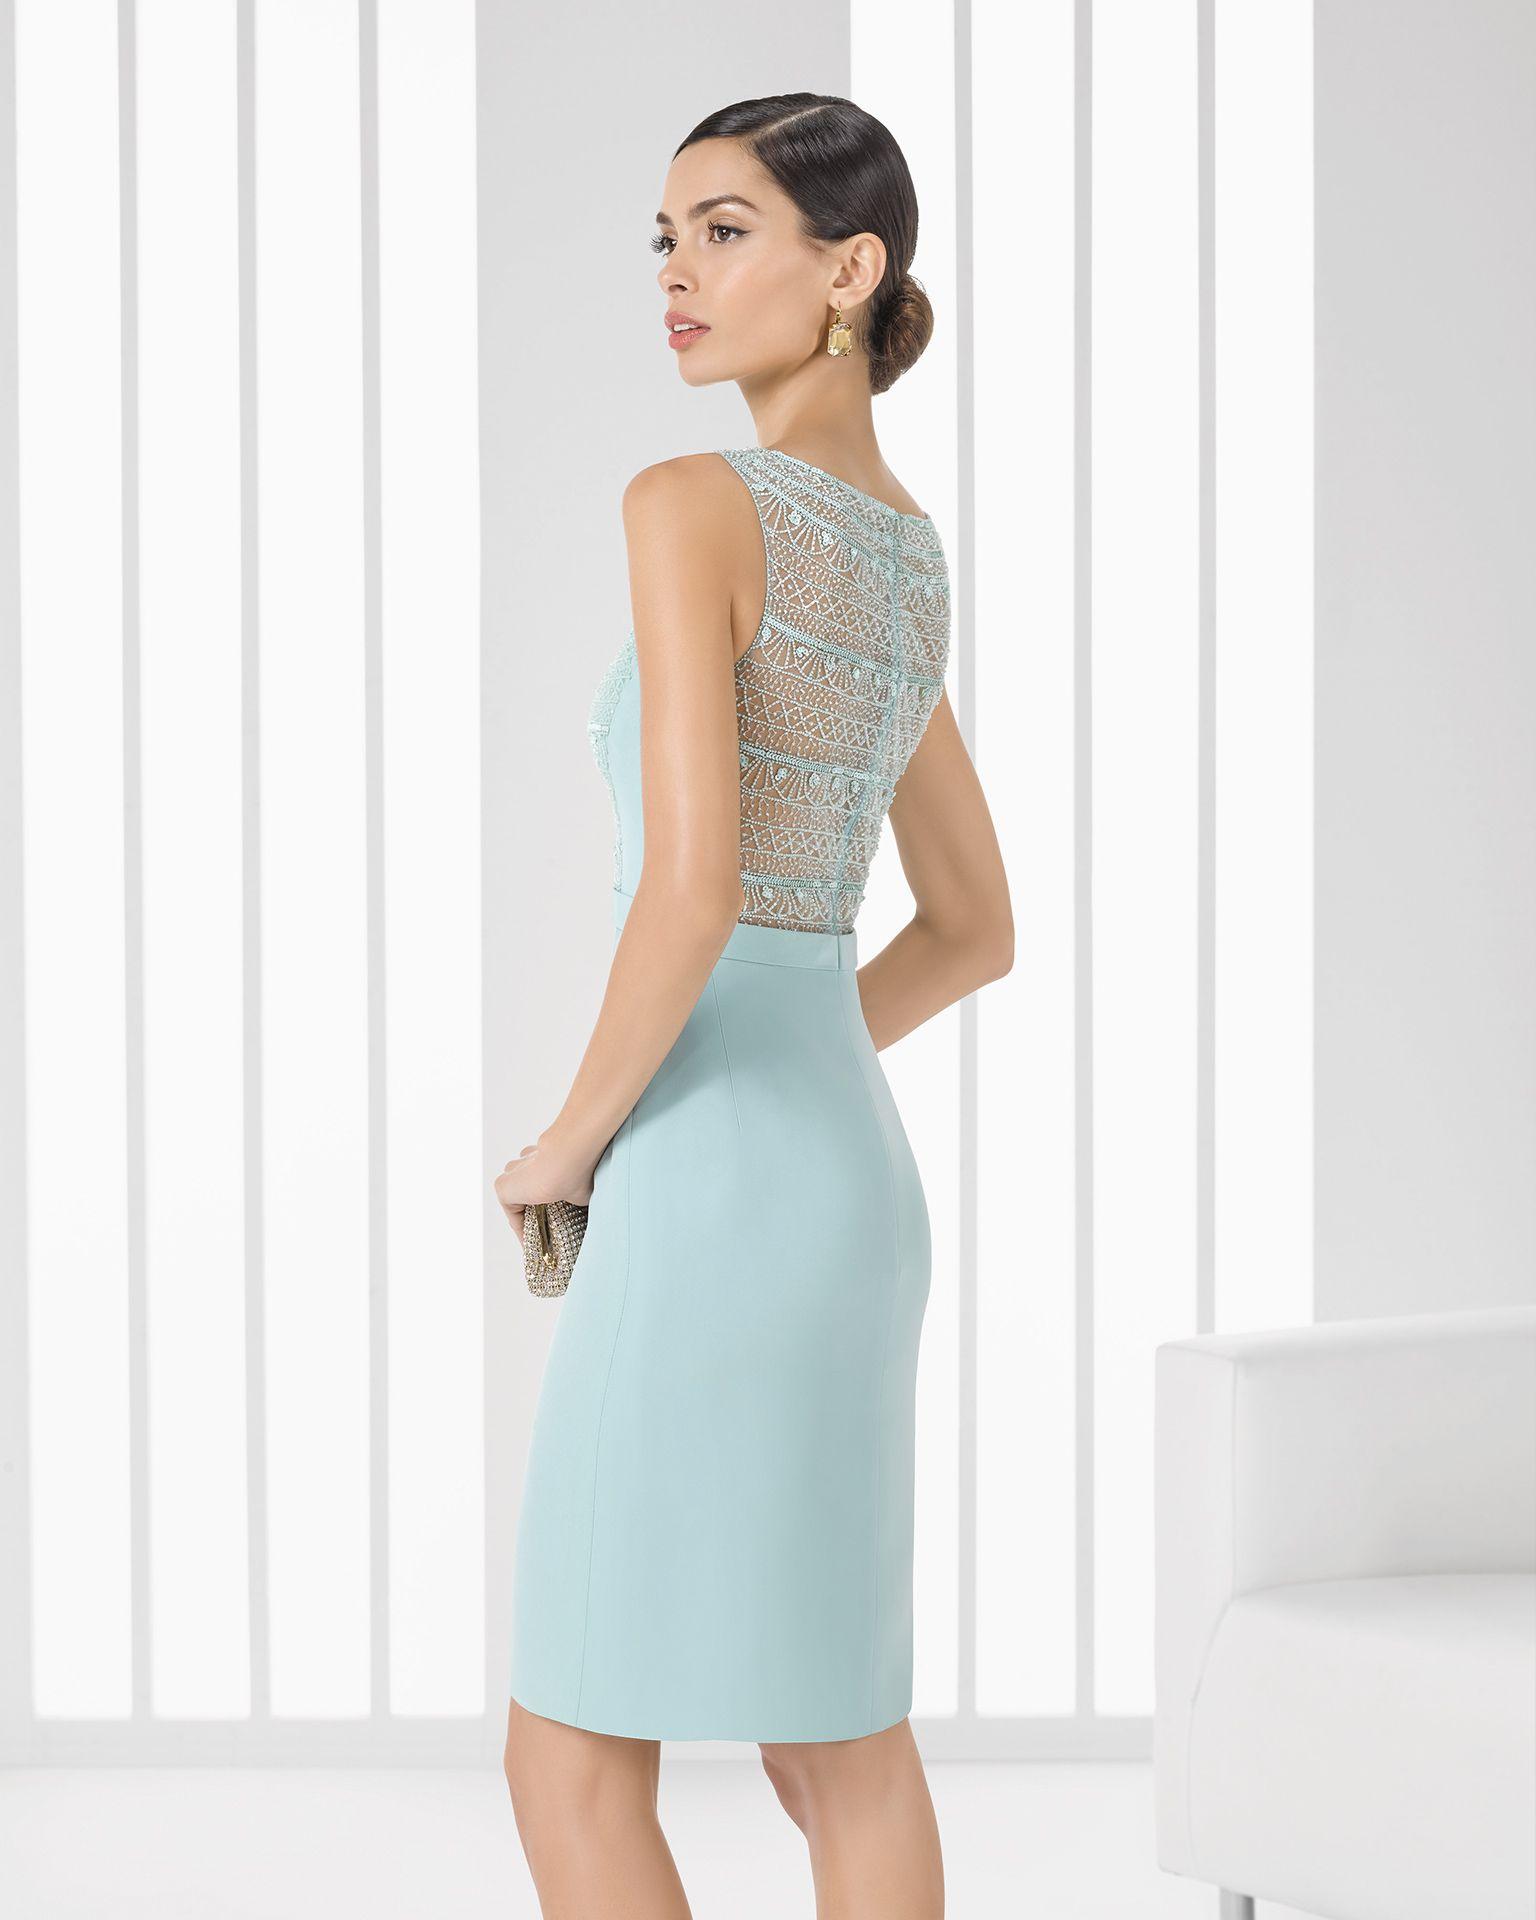 9t183 - cocktail 2016. colección rosa clará | kurze elegante